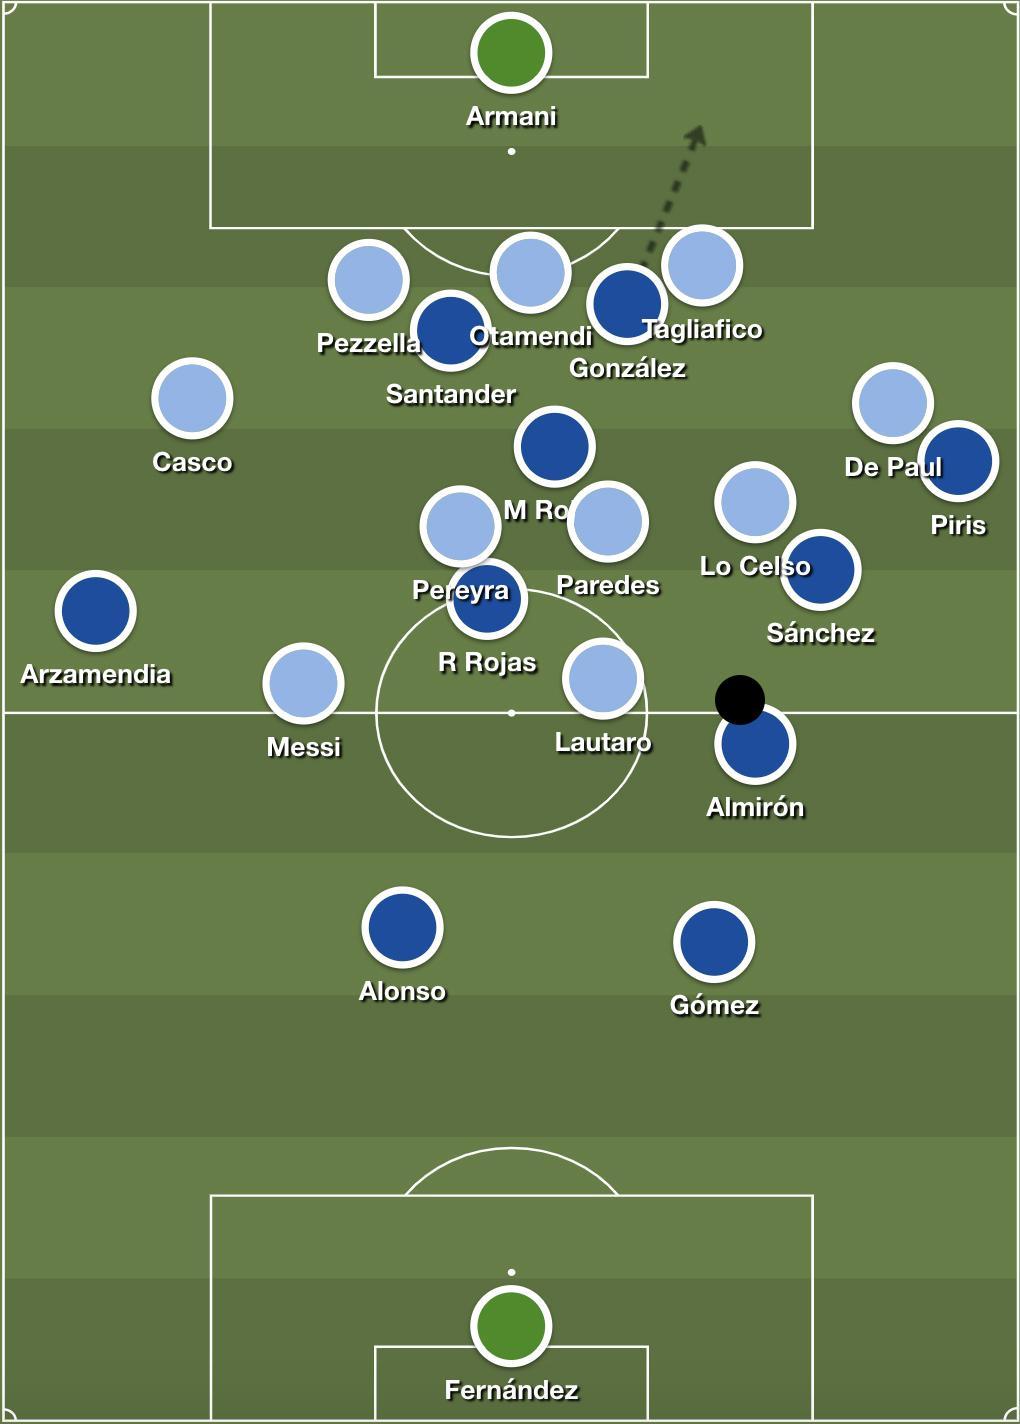 Paraguay's diamond setup versus Argentina's asymmetrical defensive 4-4-2 shape.